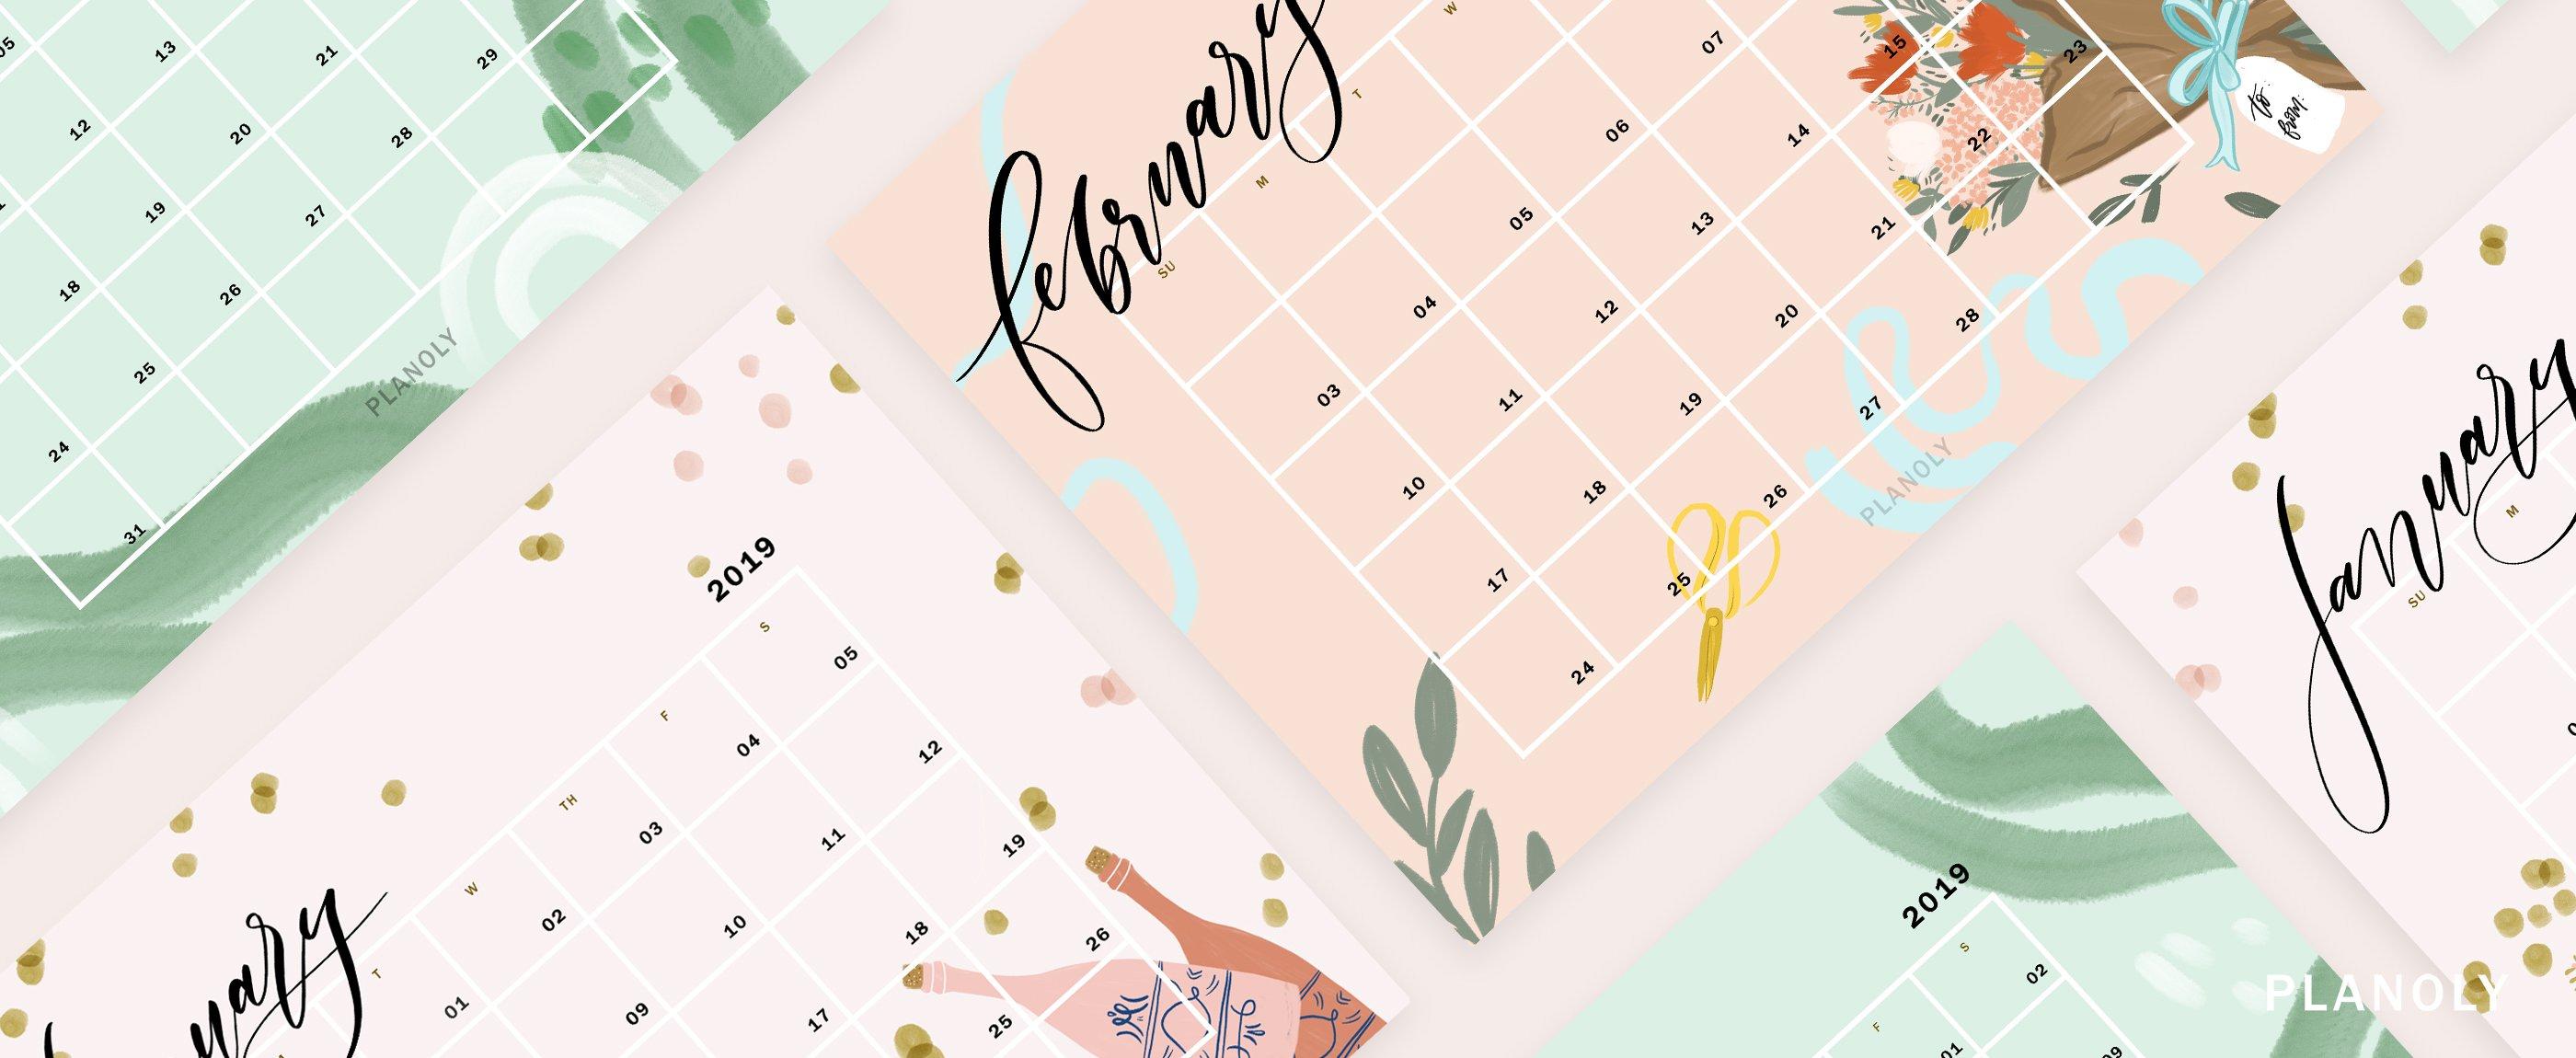 Q1 2019 Content Calendars – Planoly Calendar 2019 Blog